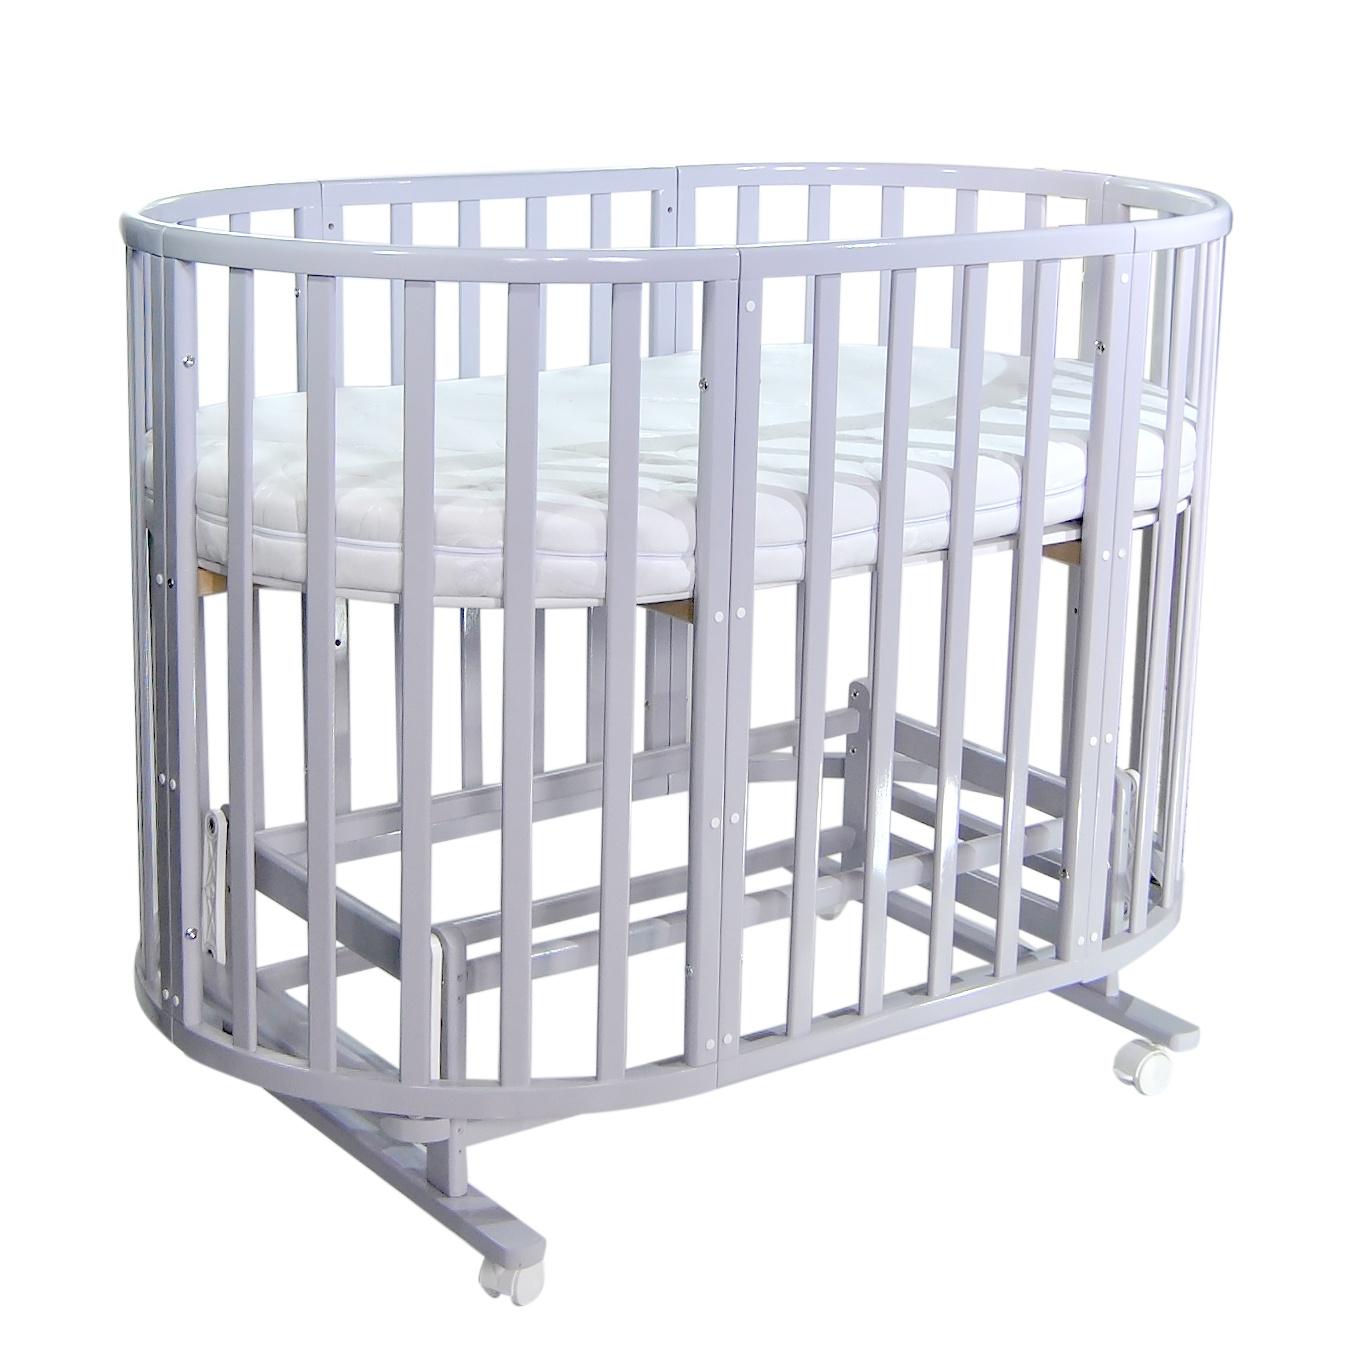 Кроватка детская Everflo Allure 7 в 1 Gray ES-008 с маятником, ПП100004166